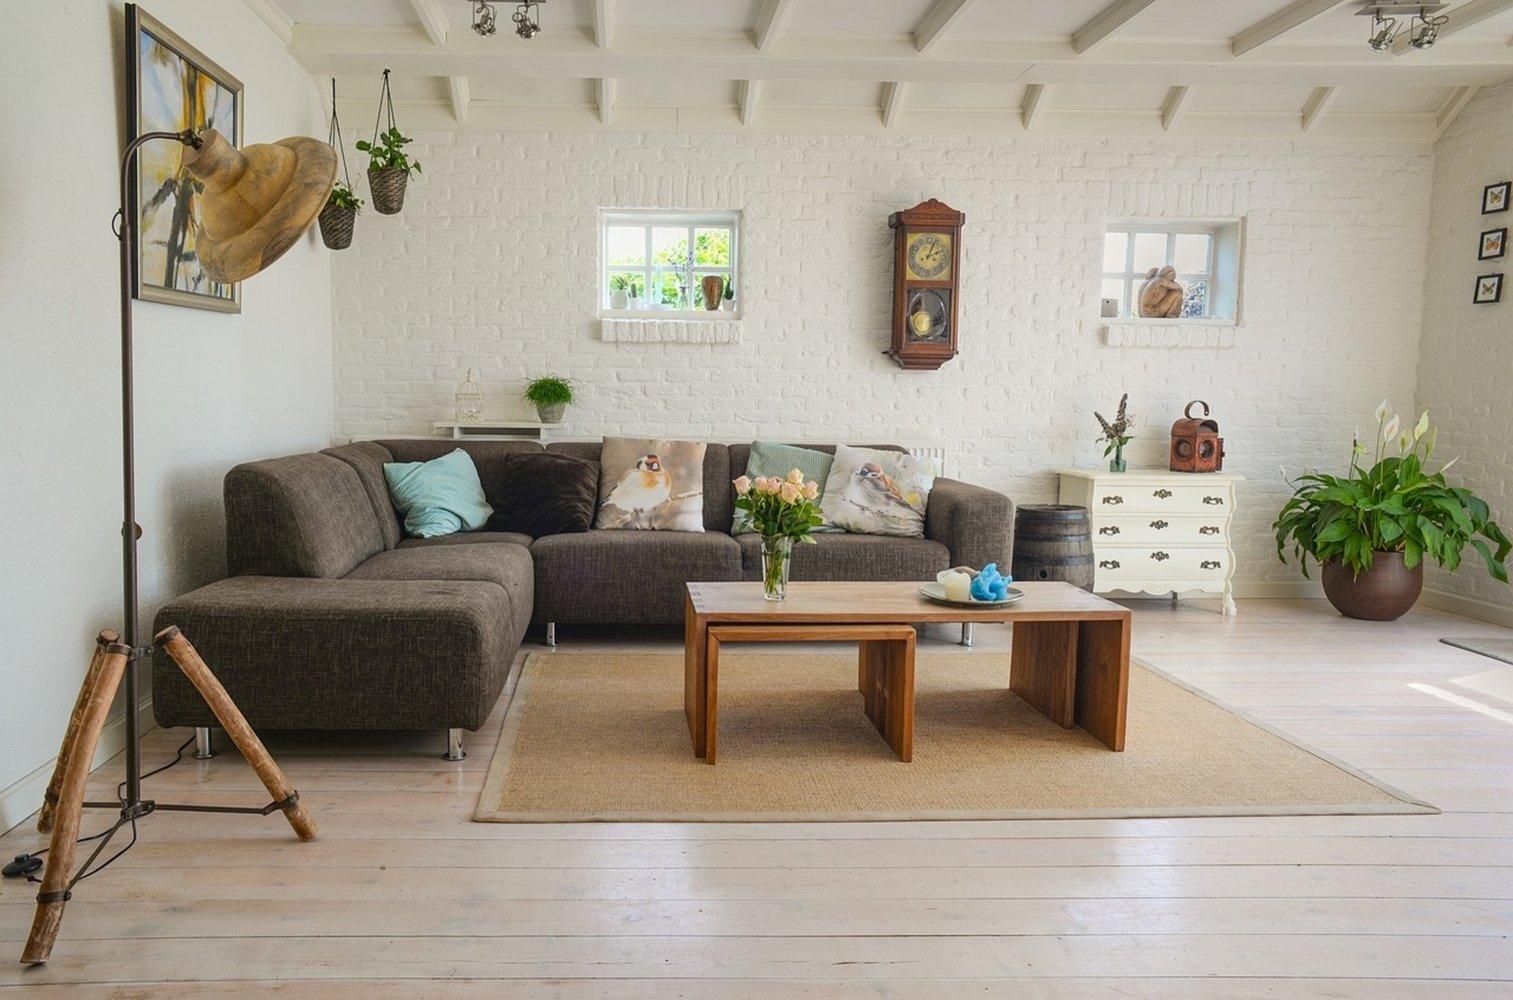 comment bien valoriser sa maison avec le home staging ?